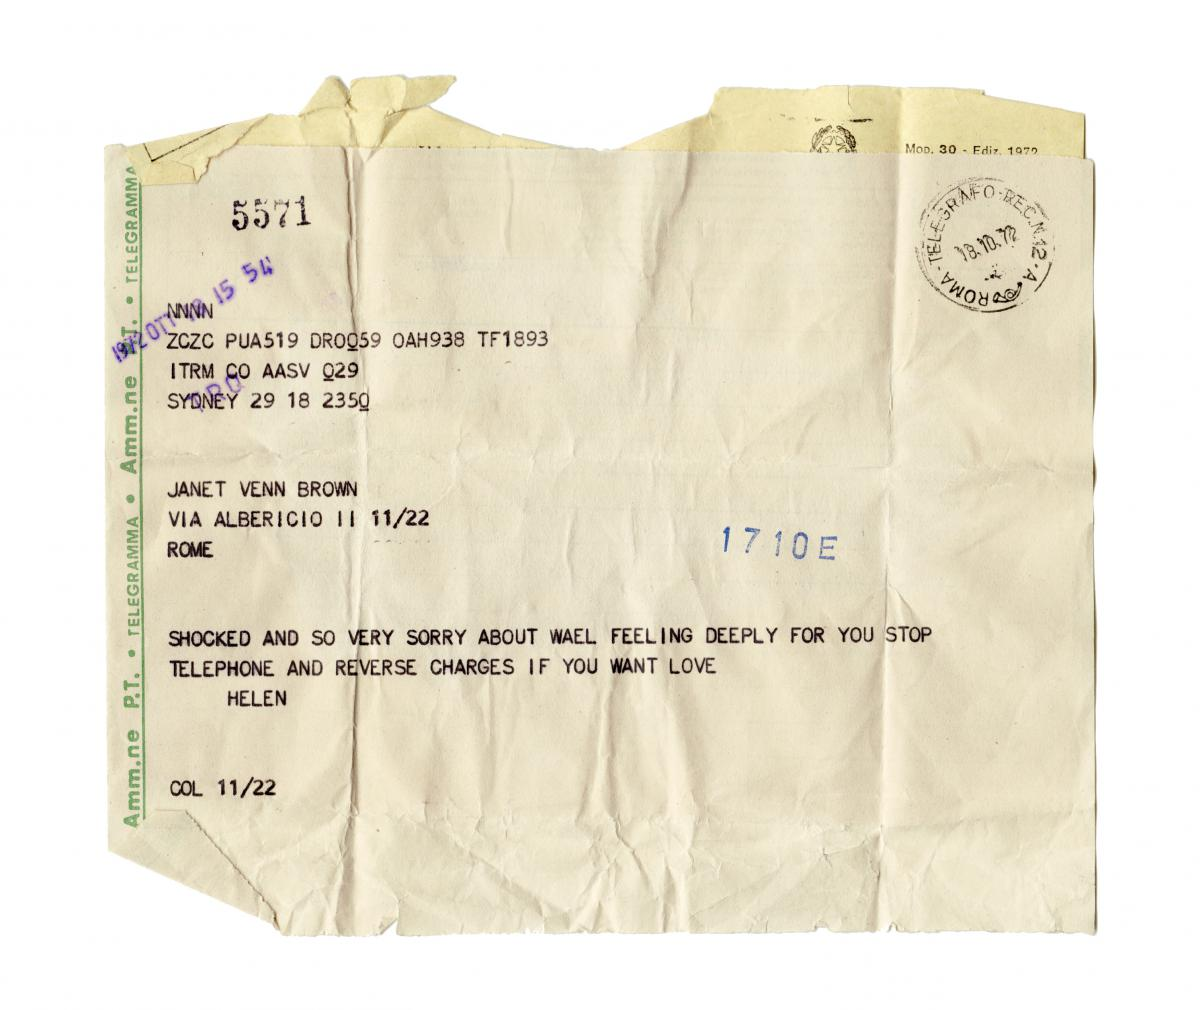 אמילי ג'סיר חומרים לסרט (פרט) (מברק: 18.10.1972)) 2004- מיצב מולטימדיה, 3 עבודות קול, עבודת וידאו אחת, טקסט, תצלומים וחומר ארכיוני.  הוקם בחלקו בתמיכת הביאנלה של וונציה. © אמילי ג'סיר